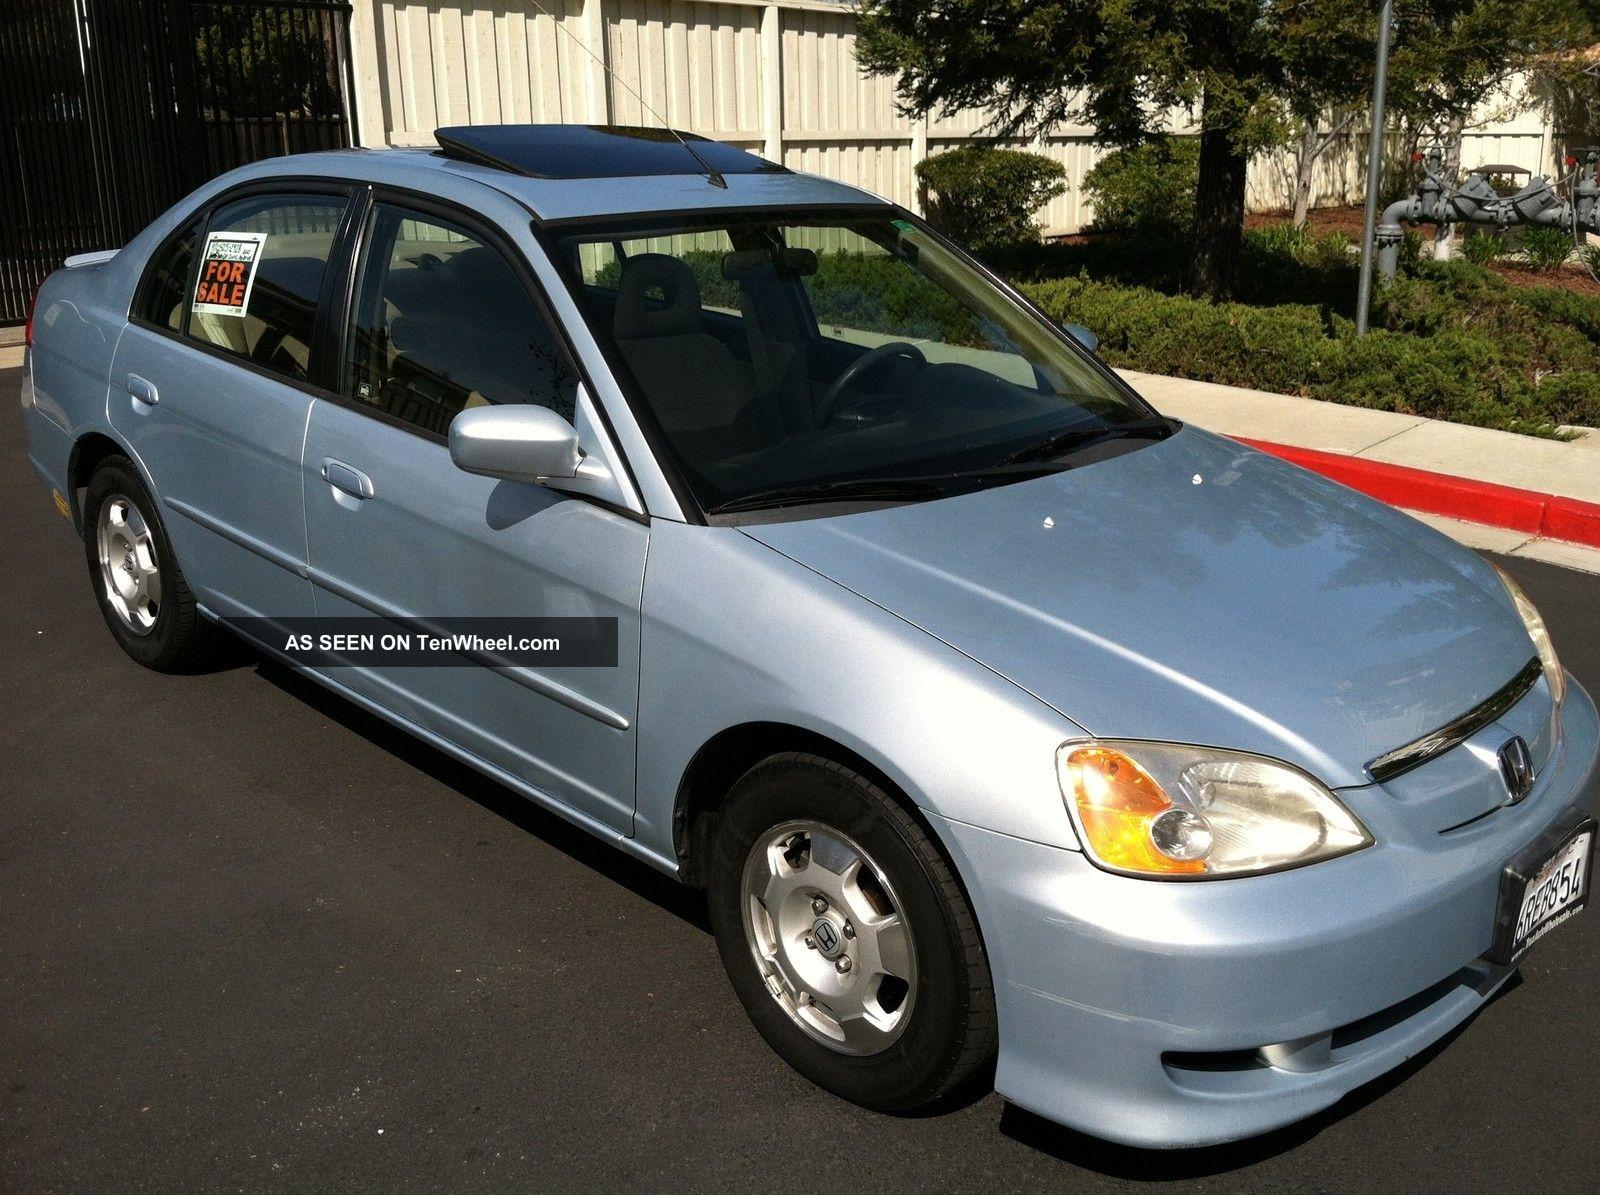 2003 Honda Civic Hybrid 45 Mpg